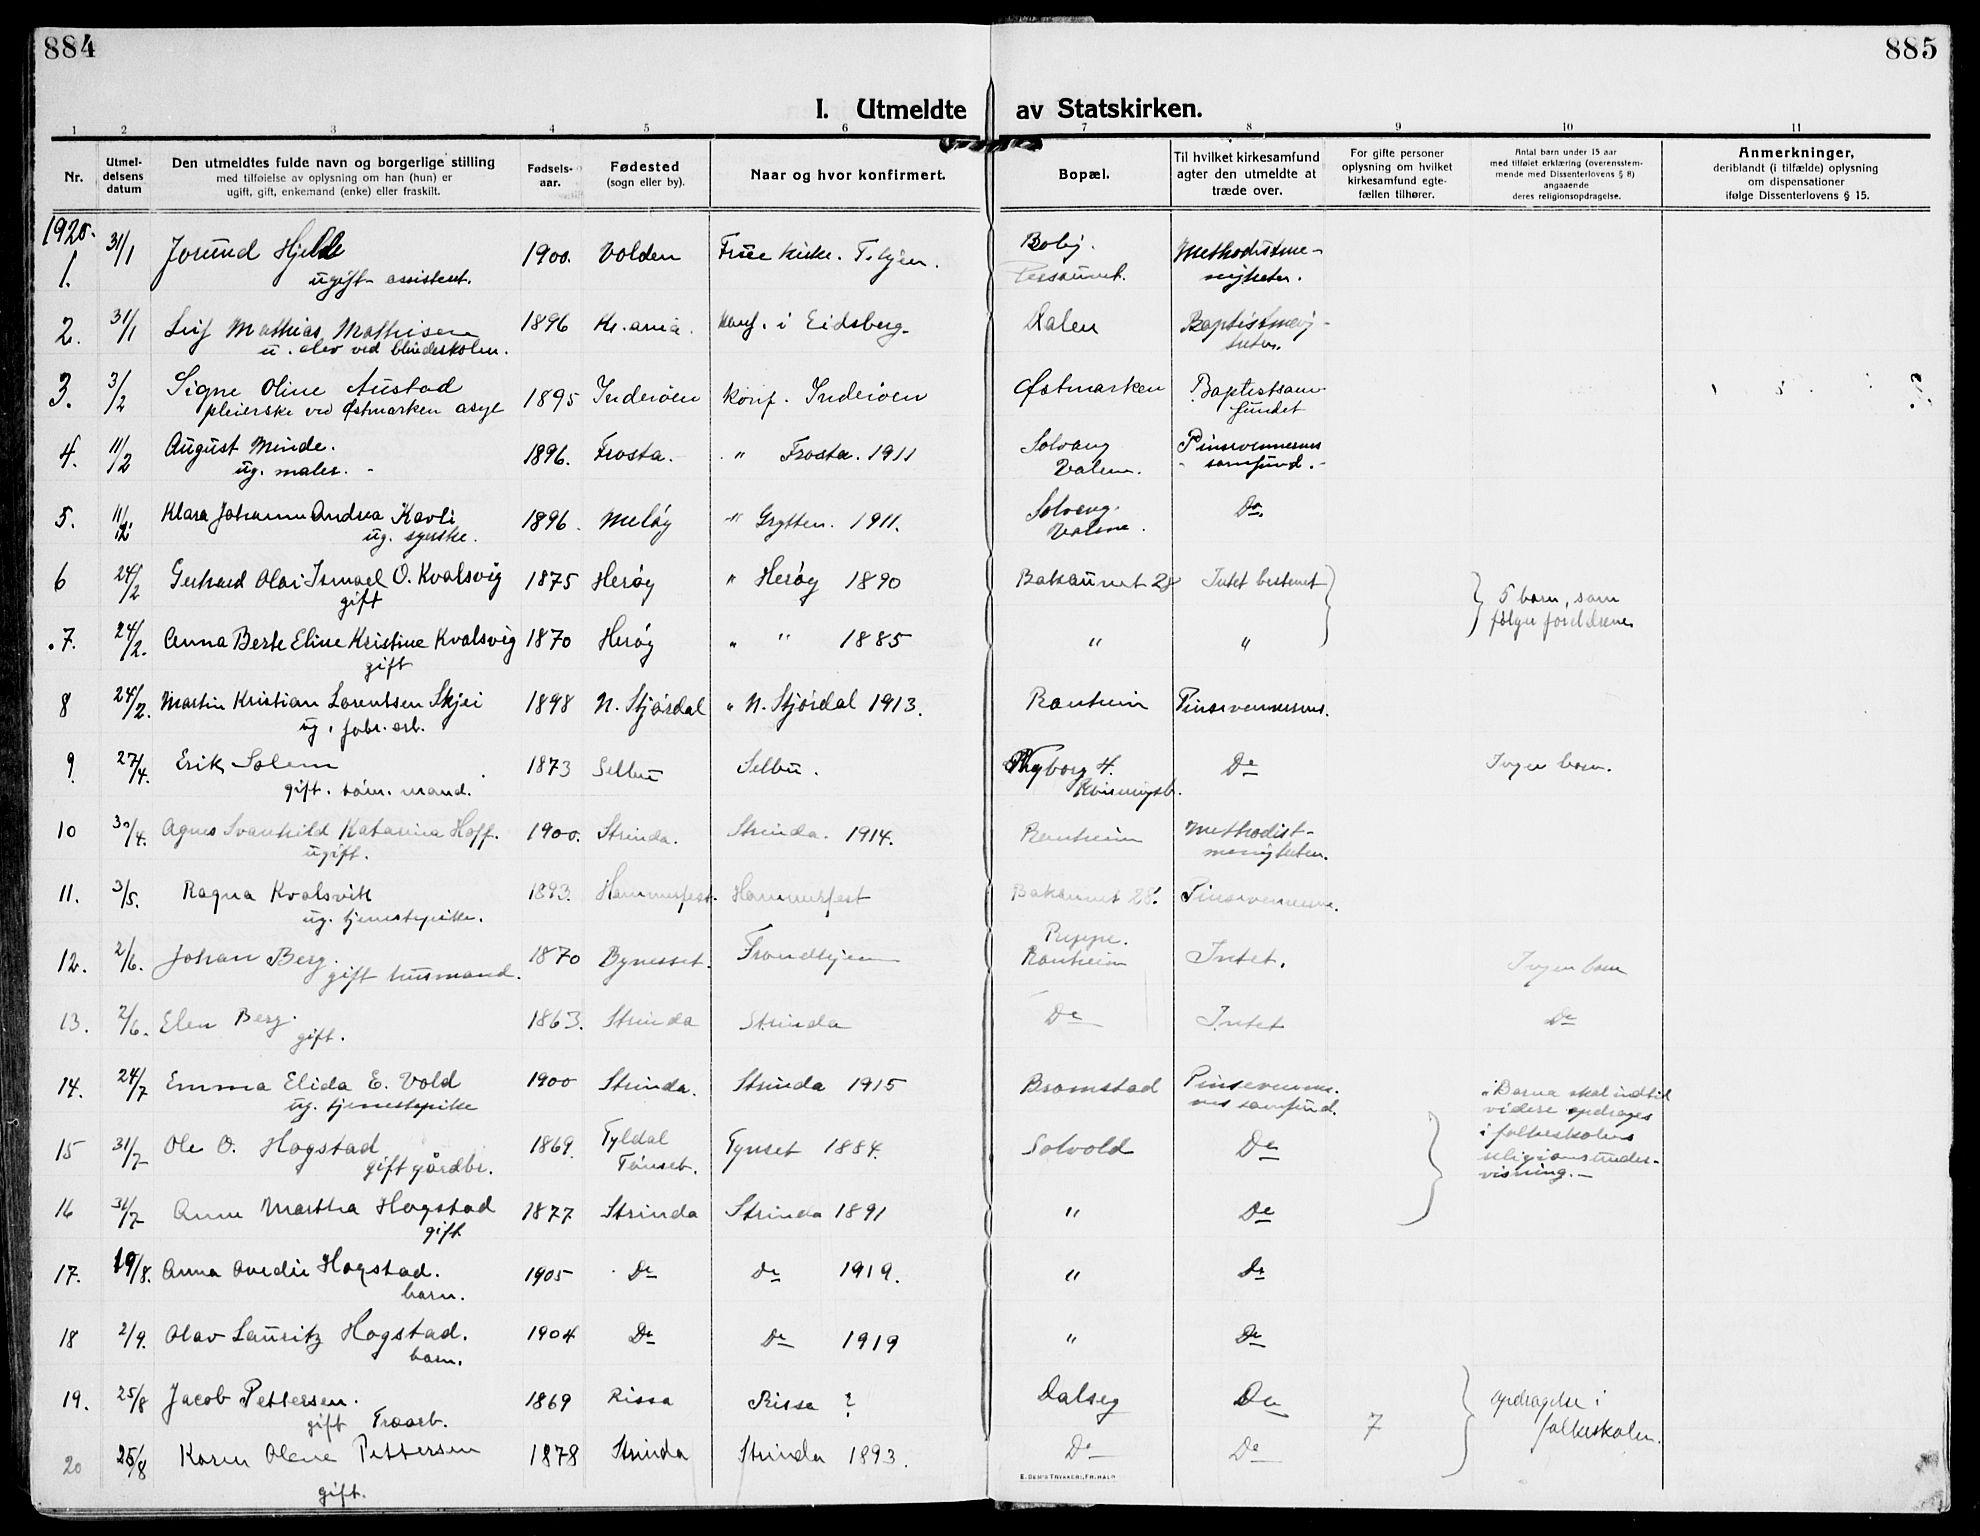 SAT, Ministerialprotokoller, klokkerbøker og fødselsregistre - Sør-Trøndelag, 607/L0321: Ministerialbok nr. 607A05, 1916-1935, s. 884-885